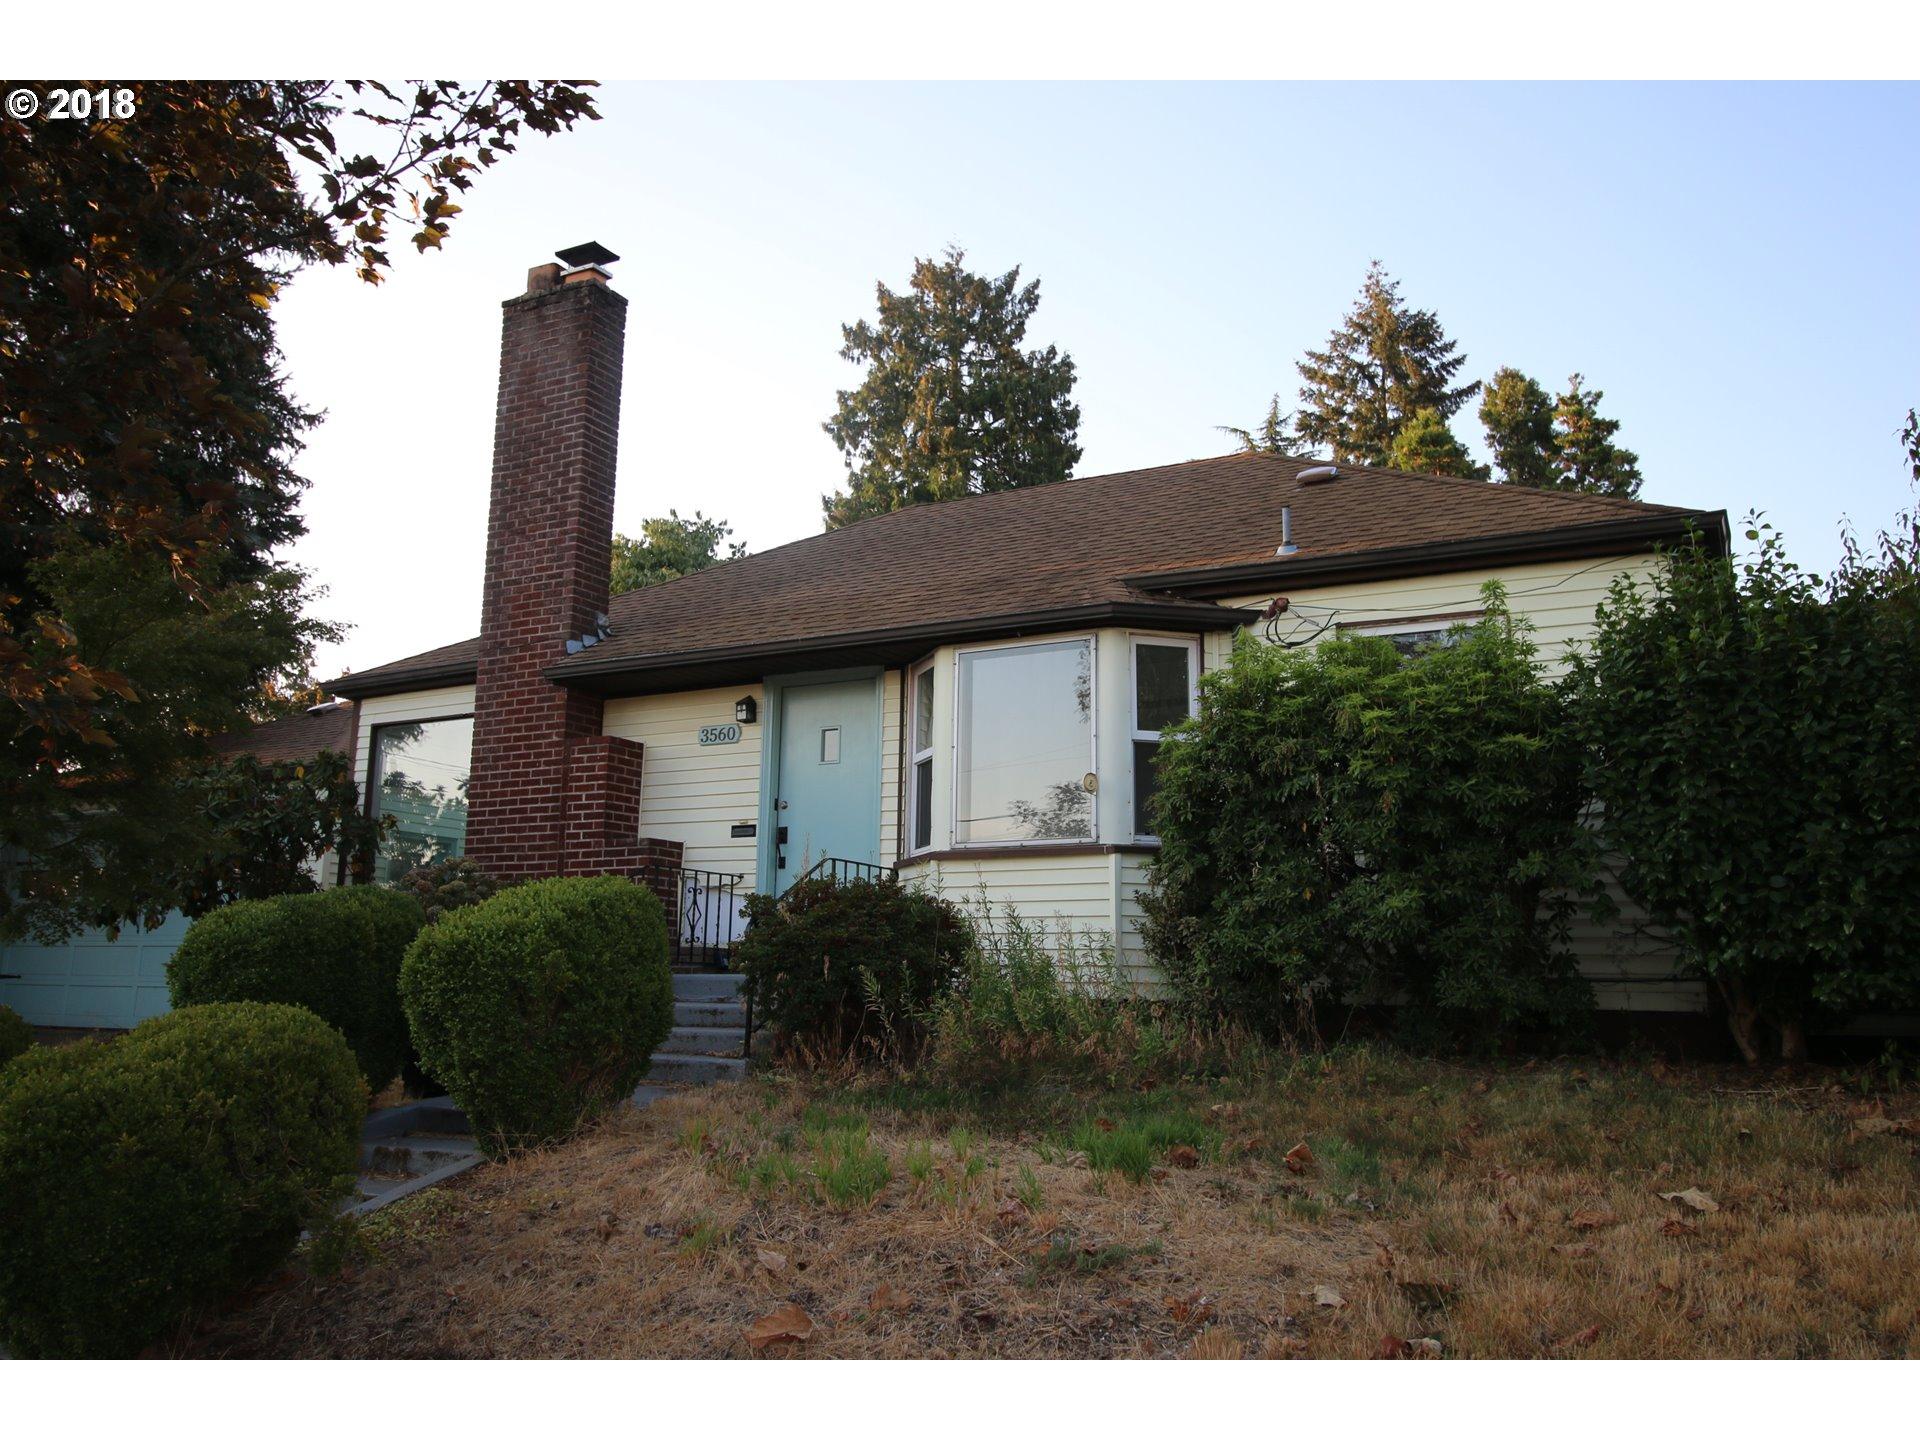 3552 NE KILLINGSWORTH ST Portland, OR 97211 - MLS #: 18696417